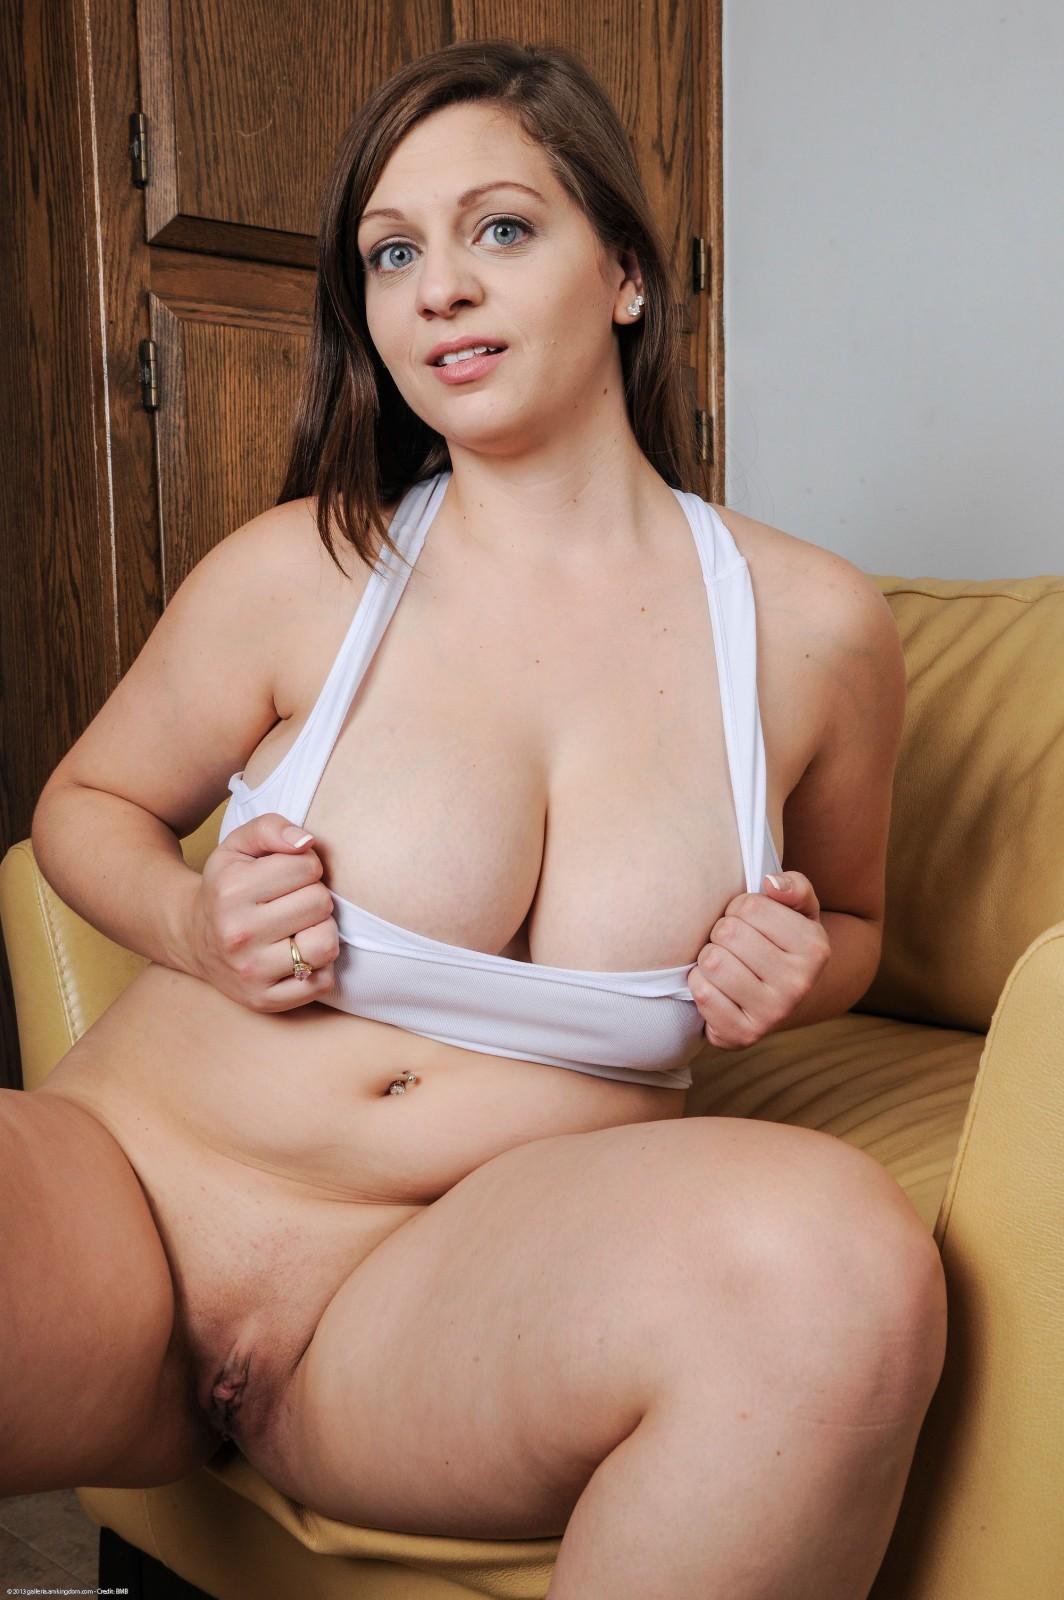 Jessica roberts big natural size tits Part 5